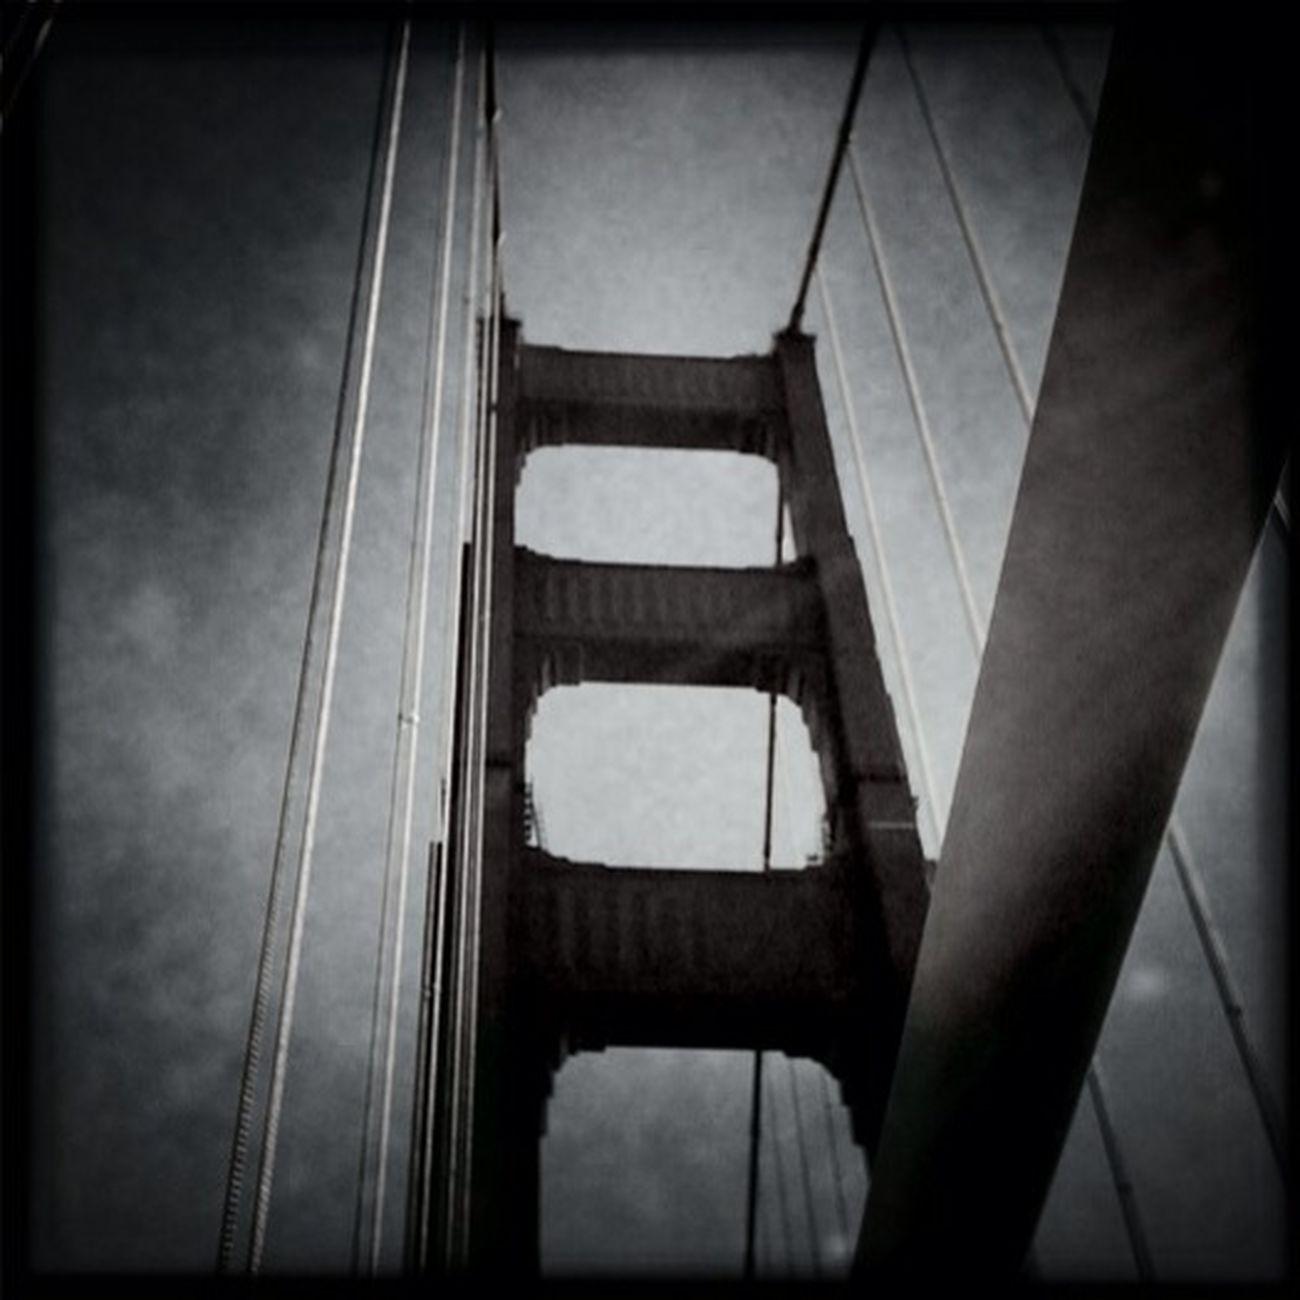 Golden Gate Bridge WeAreJuxt.com San Francisco AMPt_community